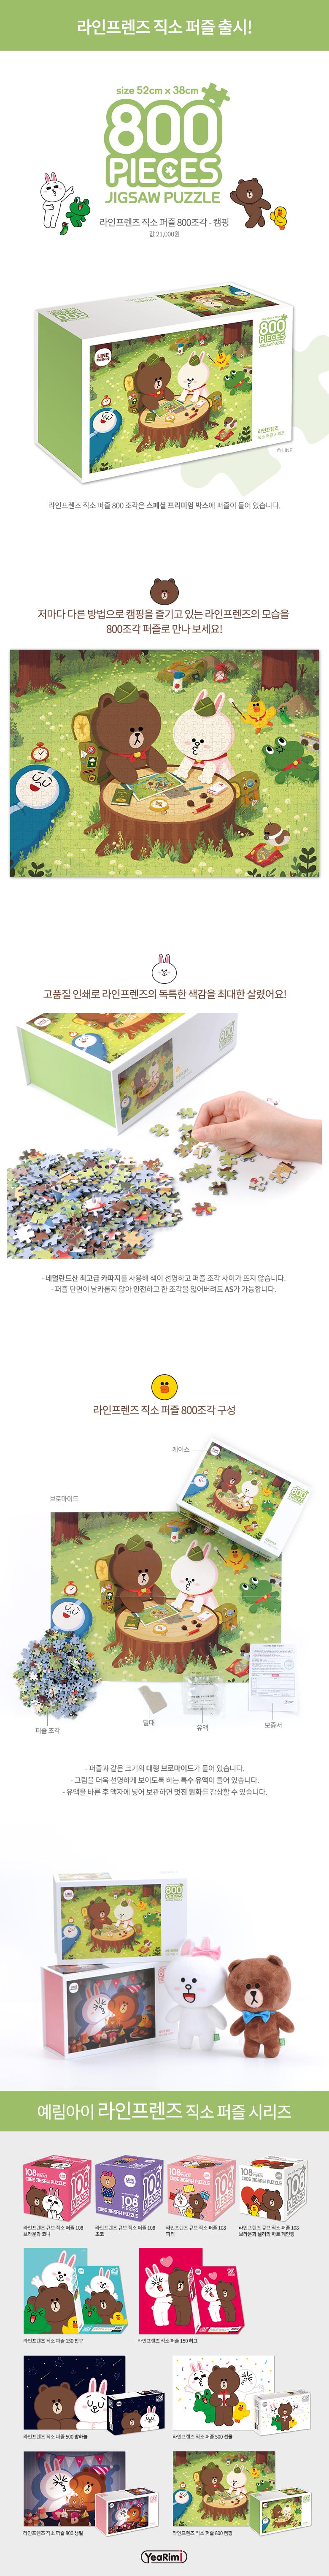 라인프렌즈 직소 퍼즐 800 캠핑_상세 페이지.jpg